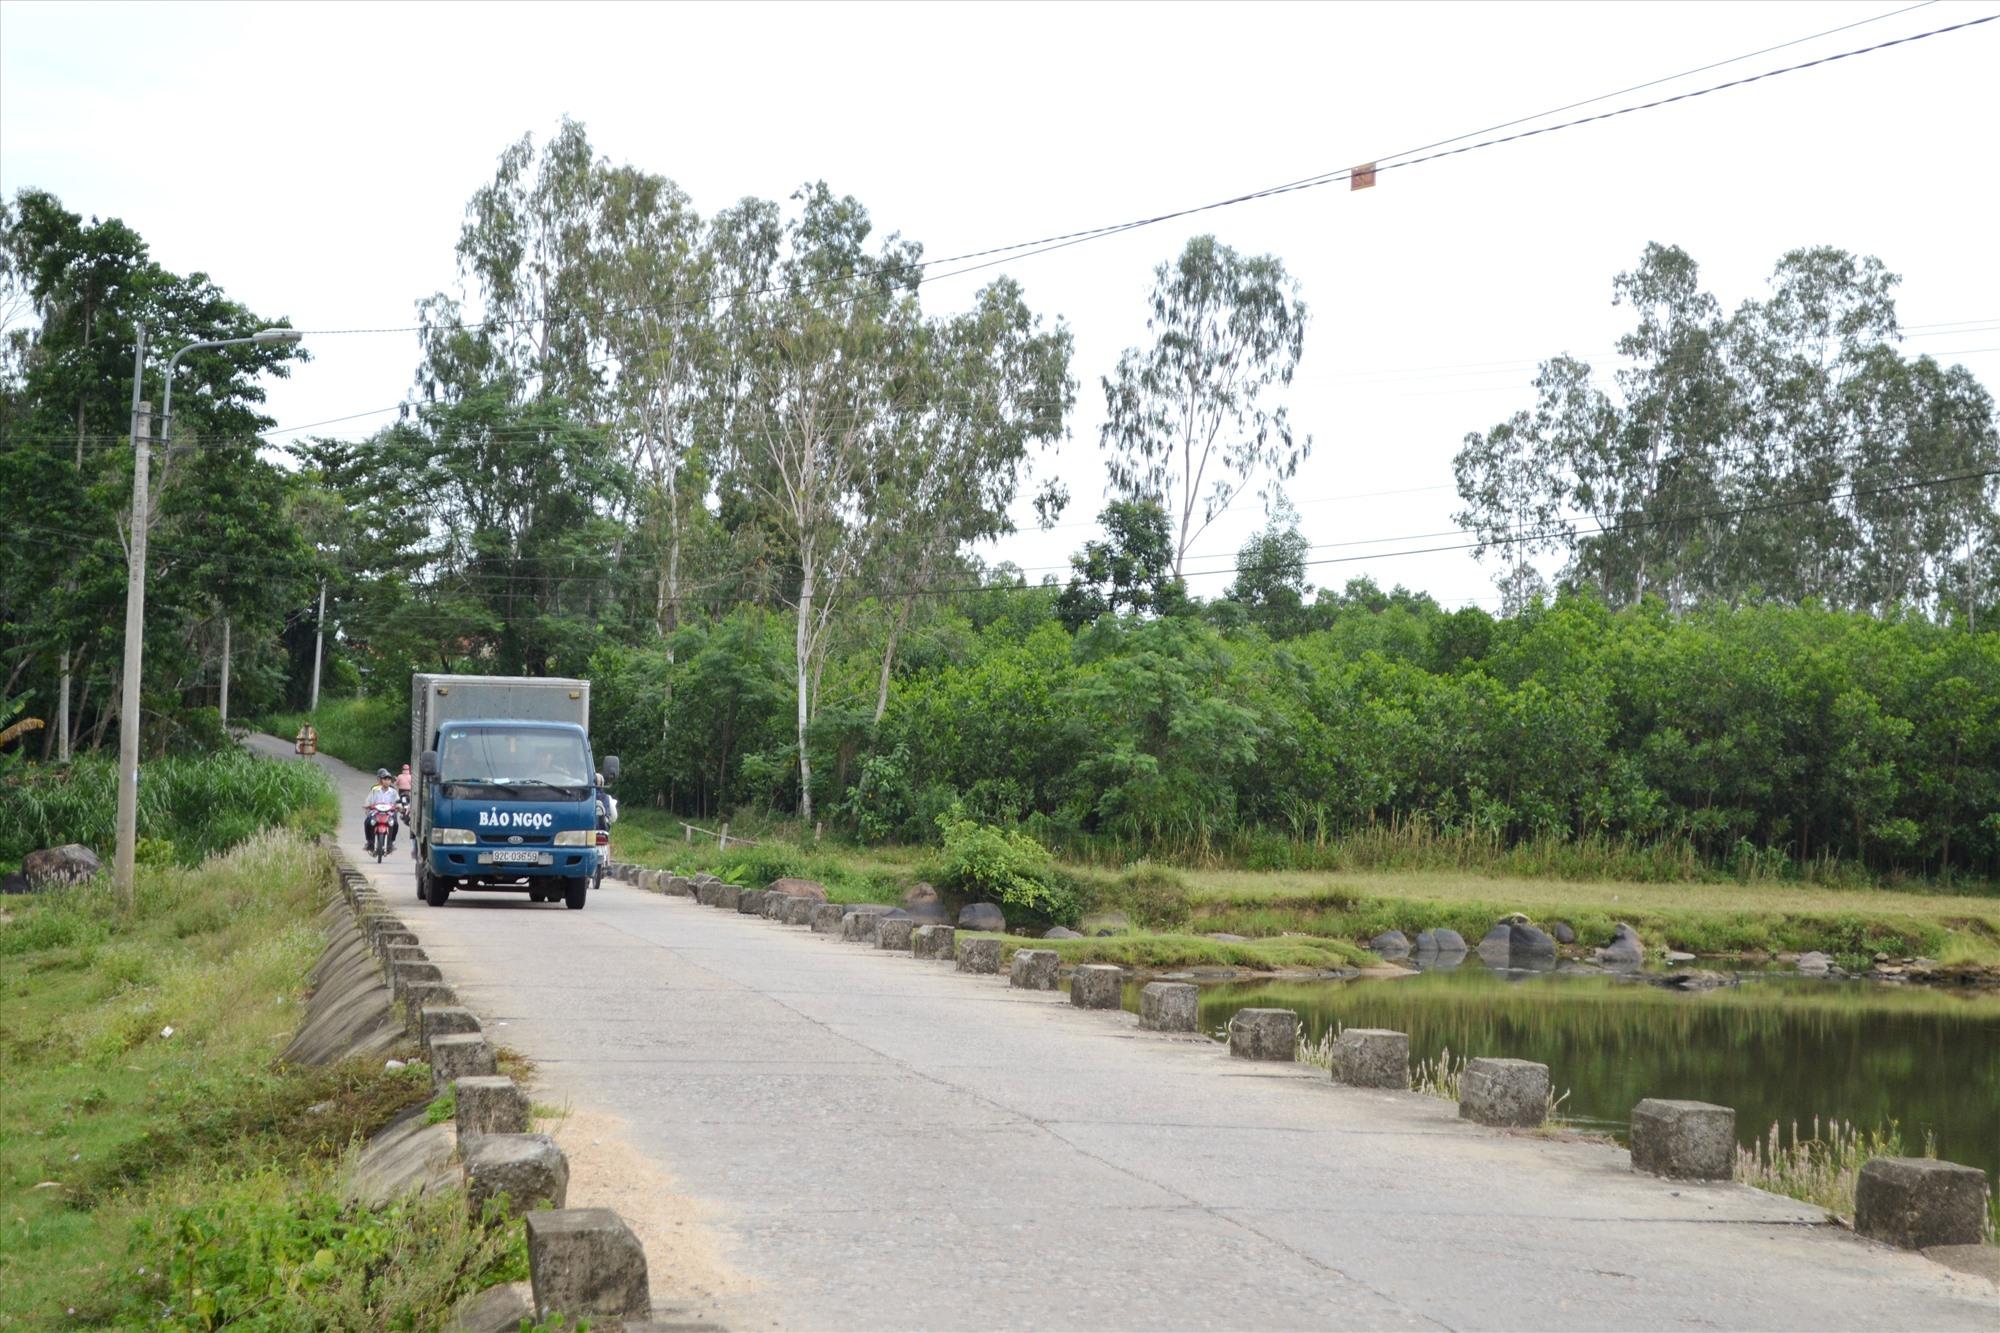 Các tuyến ĐH trên địa bàn Quế Sơn chiếm vụ tai nạn giao thông nghiêm trọng. Ảnh: CT